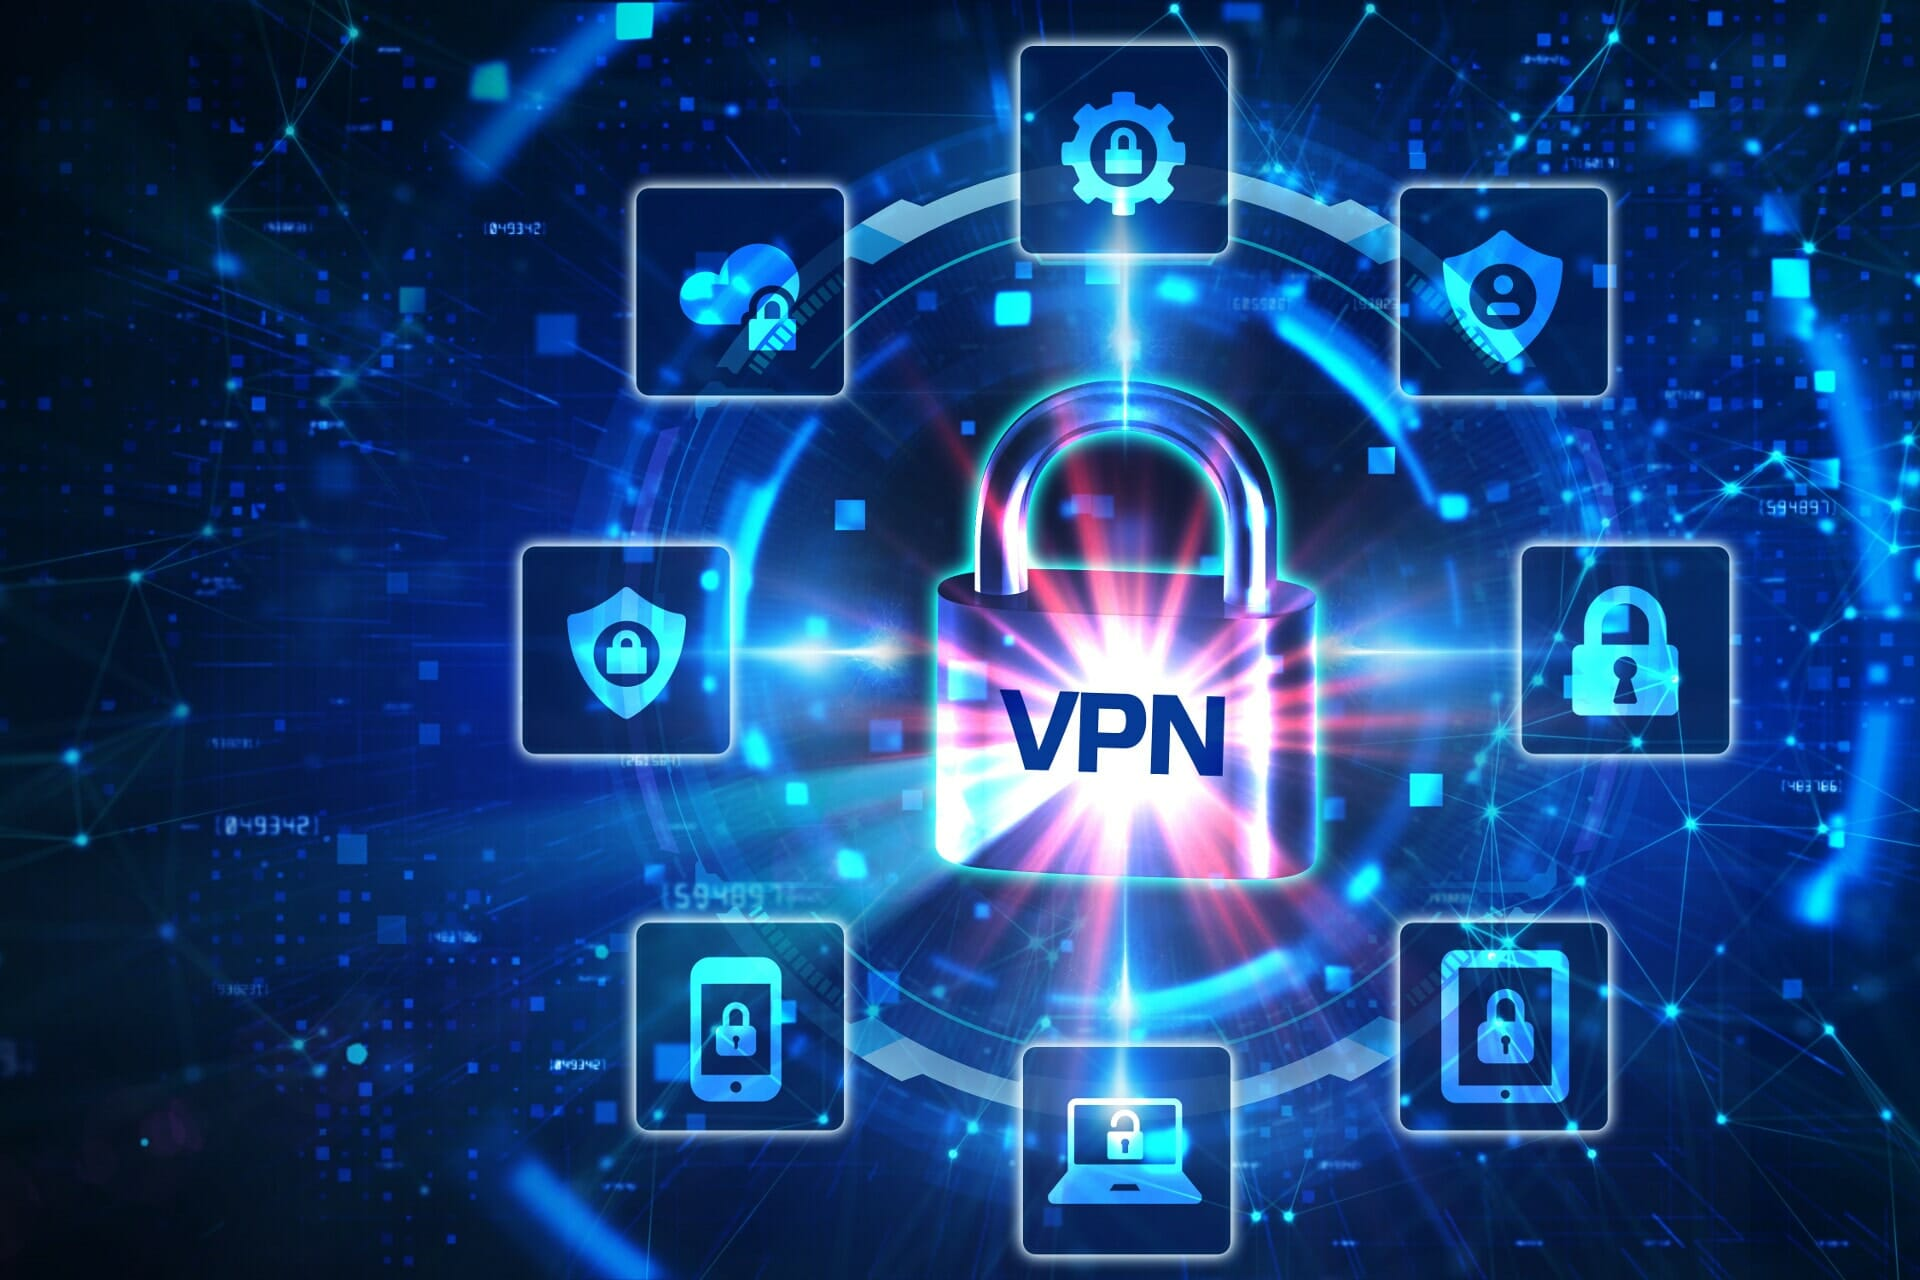 comment changer le mot de passe VPN dans Windows 10